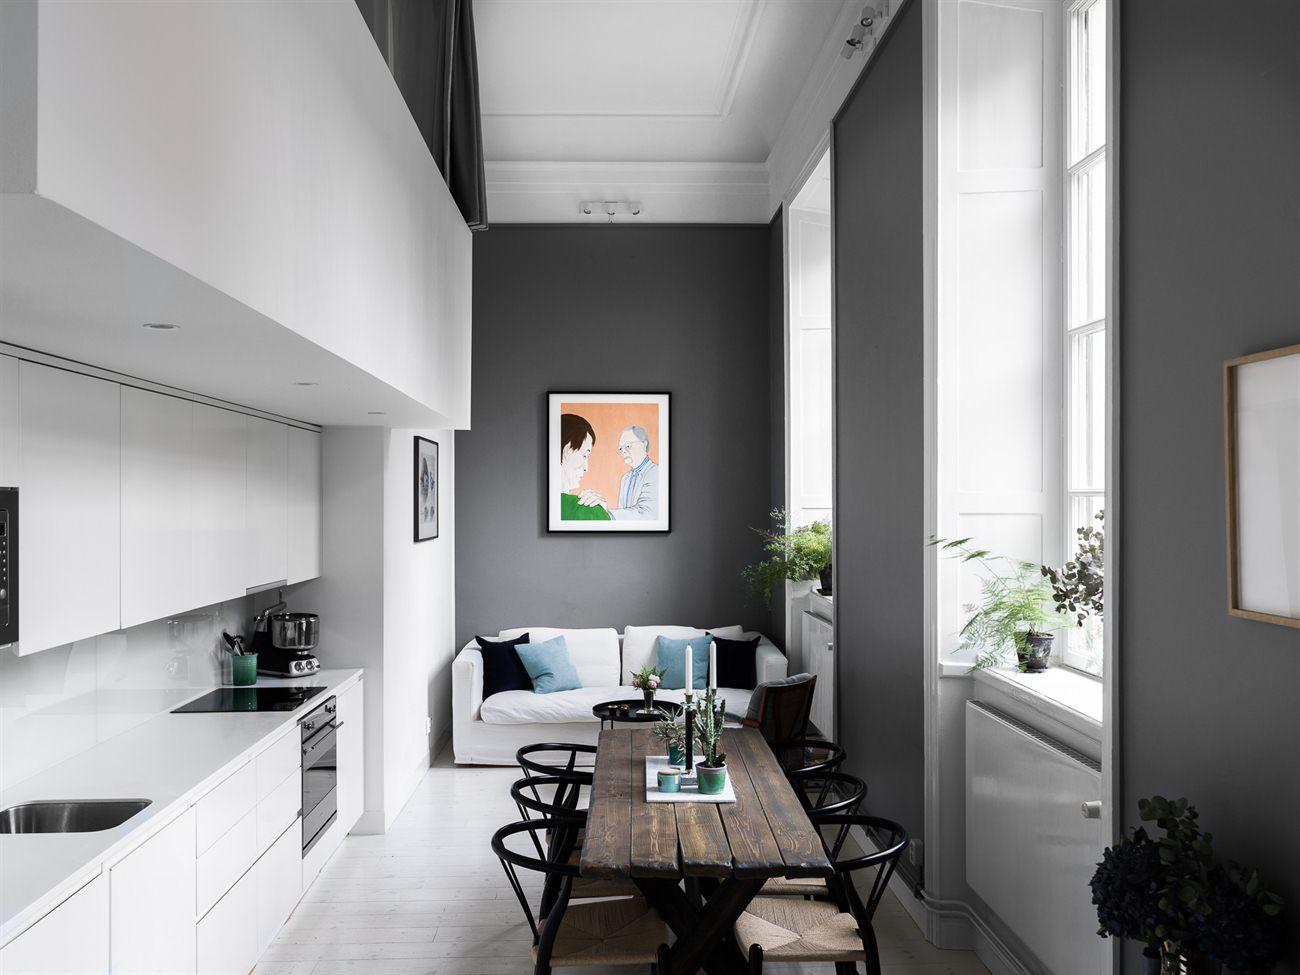 Peque o d plex con acogedor dormitorio blog tienda for Decoracion duplex pequenos